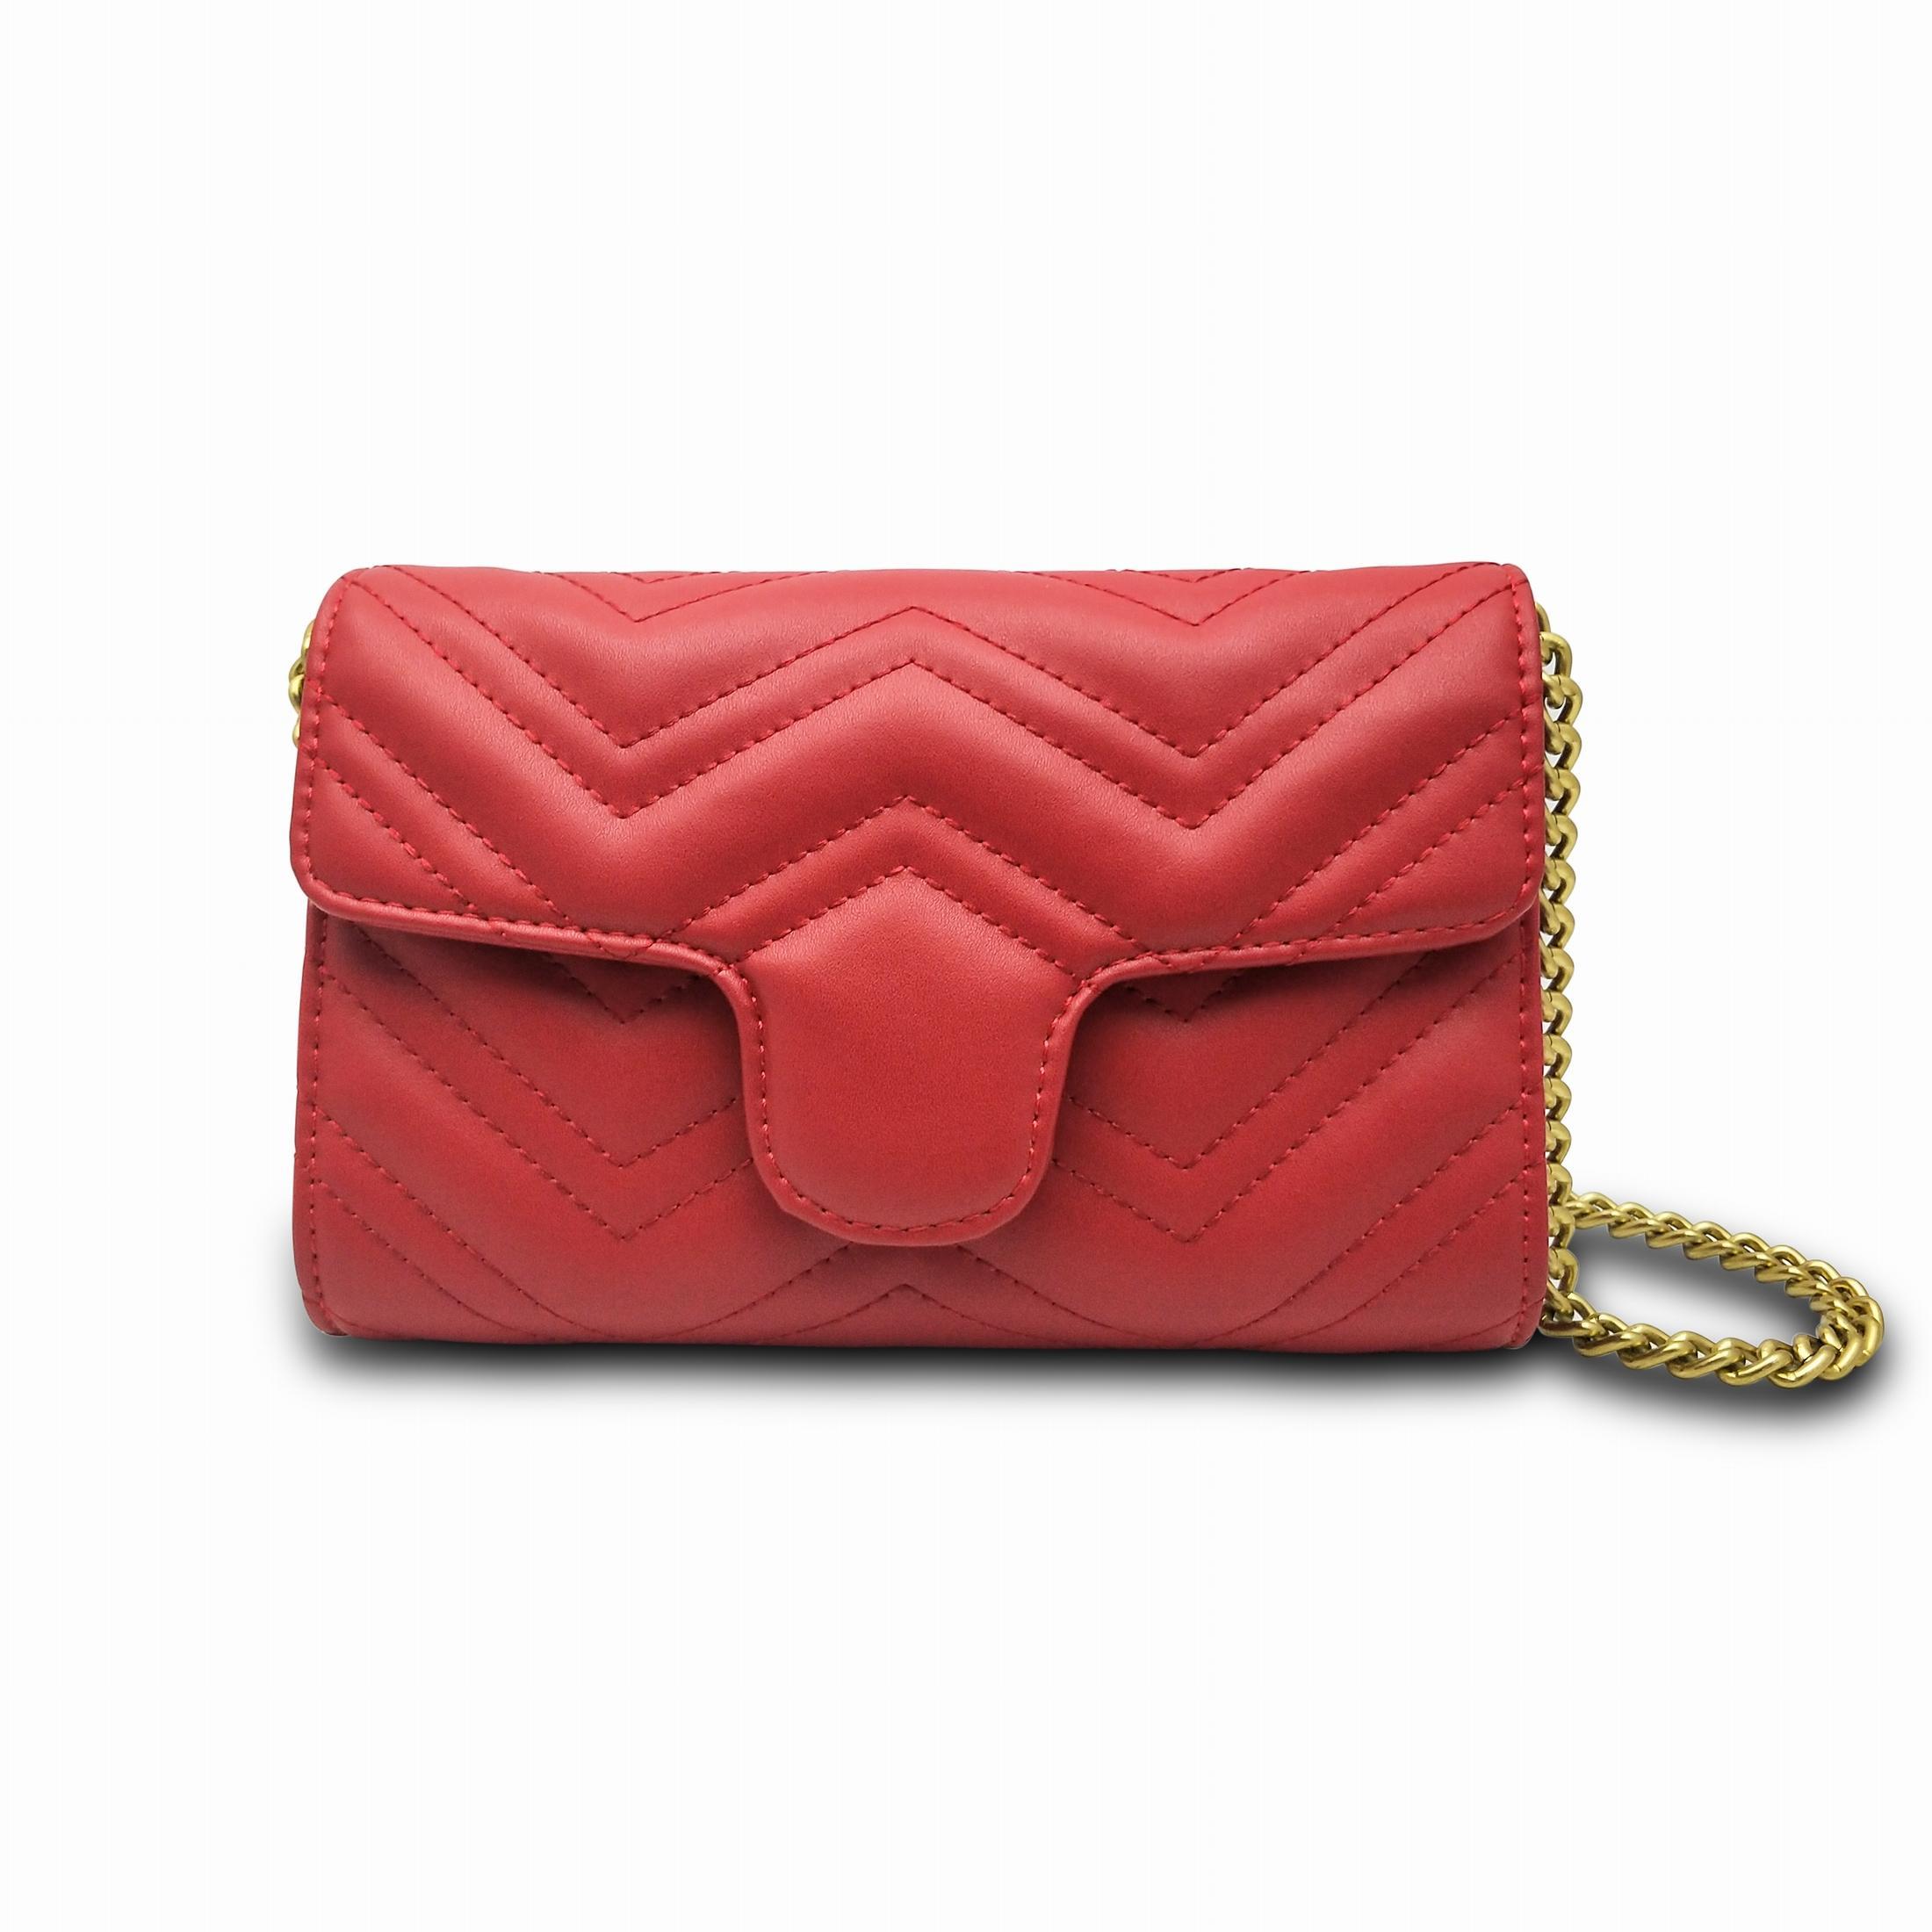 Nouveau Marmont super mini sac femmes sac à main de femme de haute qualité se sentent structuré doucement et une fermeture simple rabat